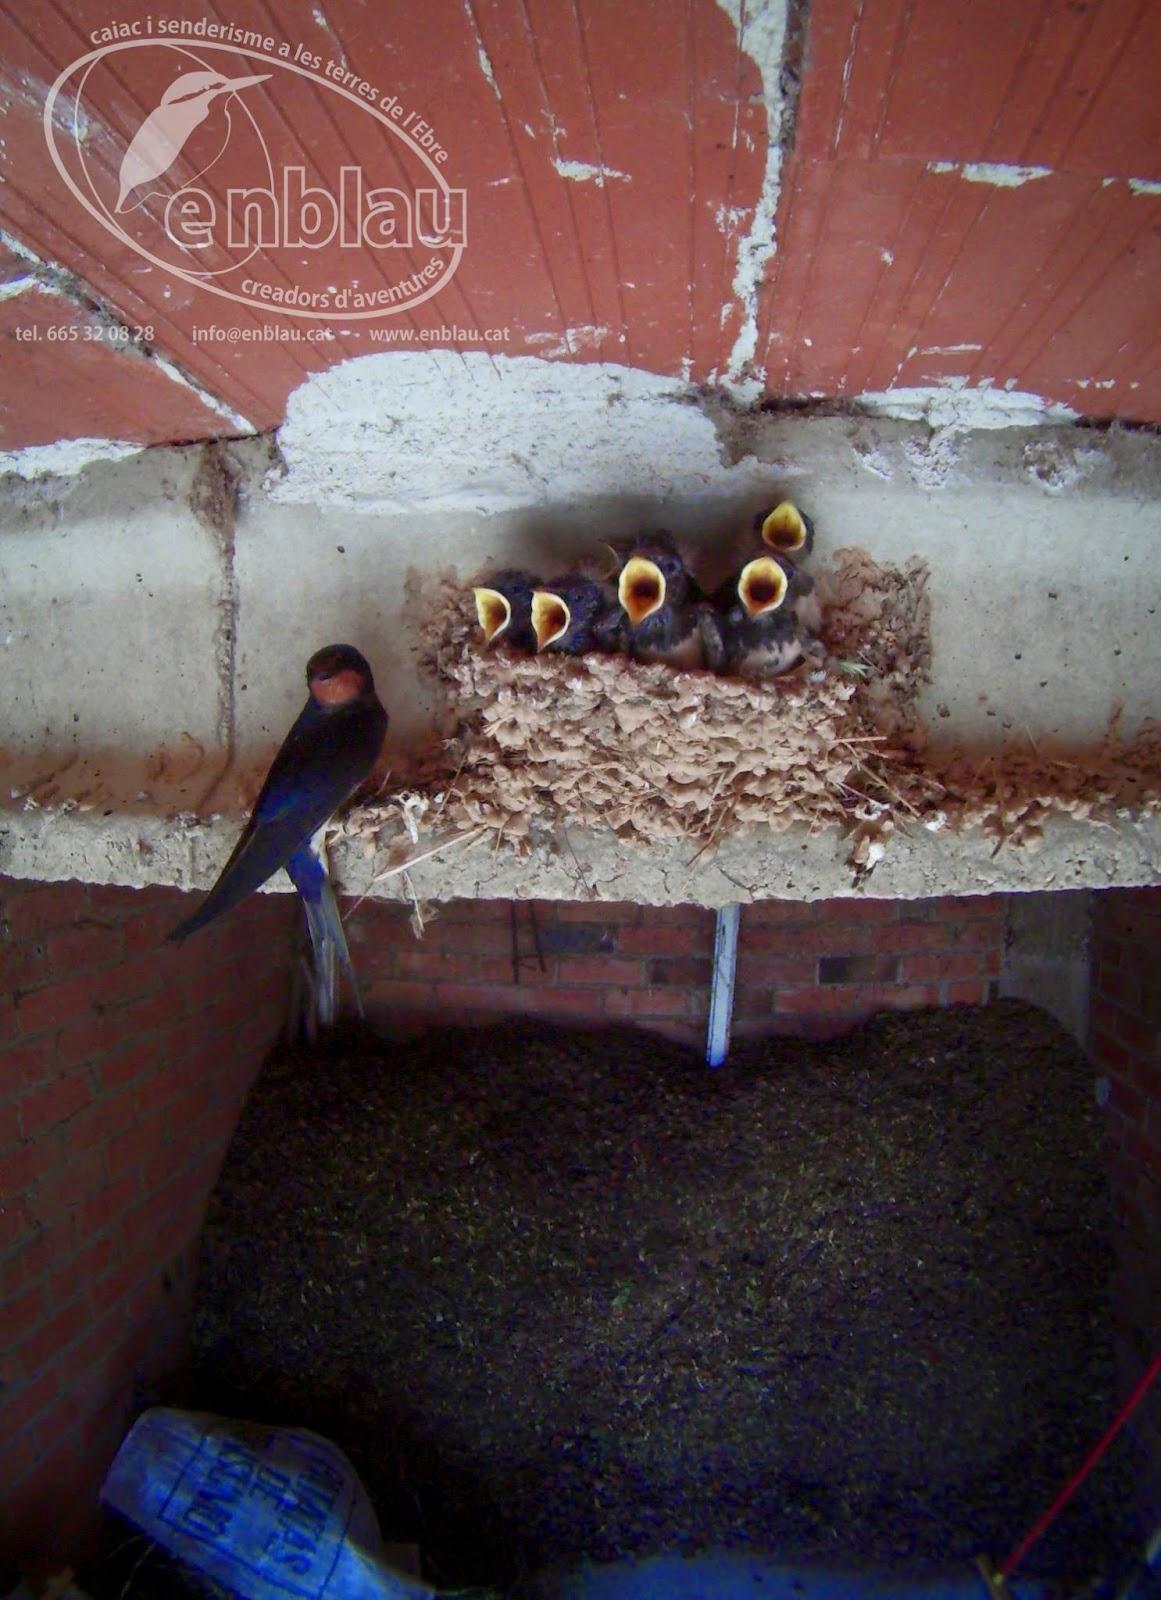 una oreneta comú descansant un moment mentre les cries l'hi demanen menjar